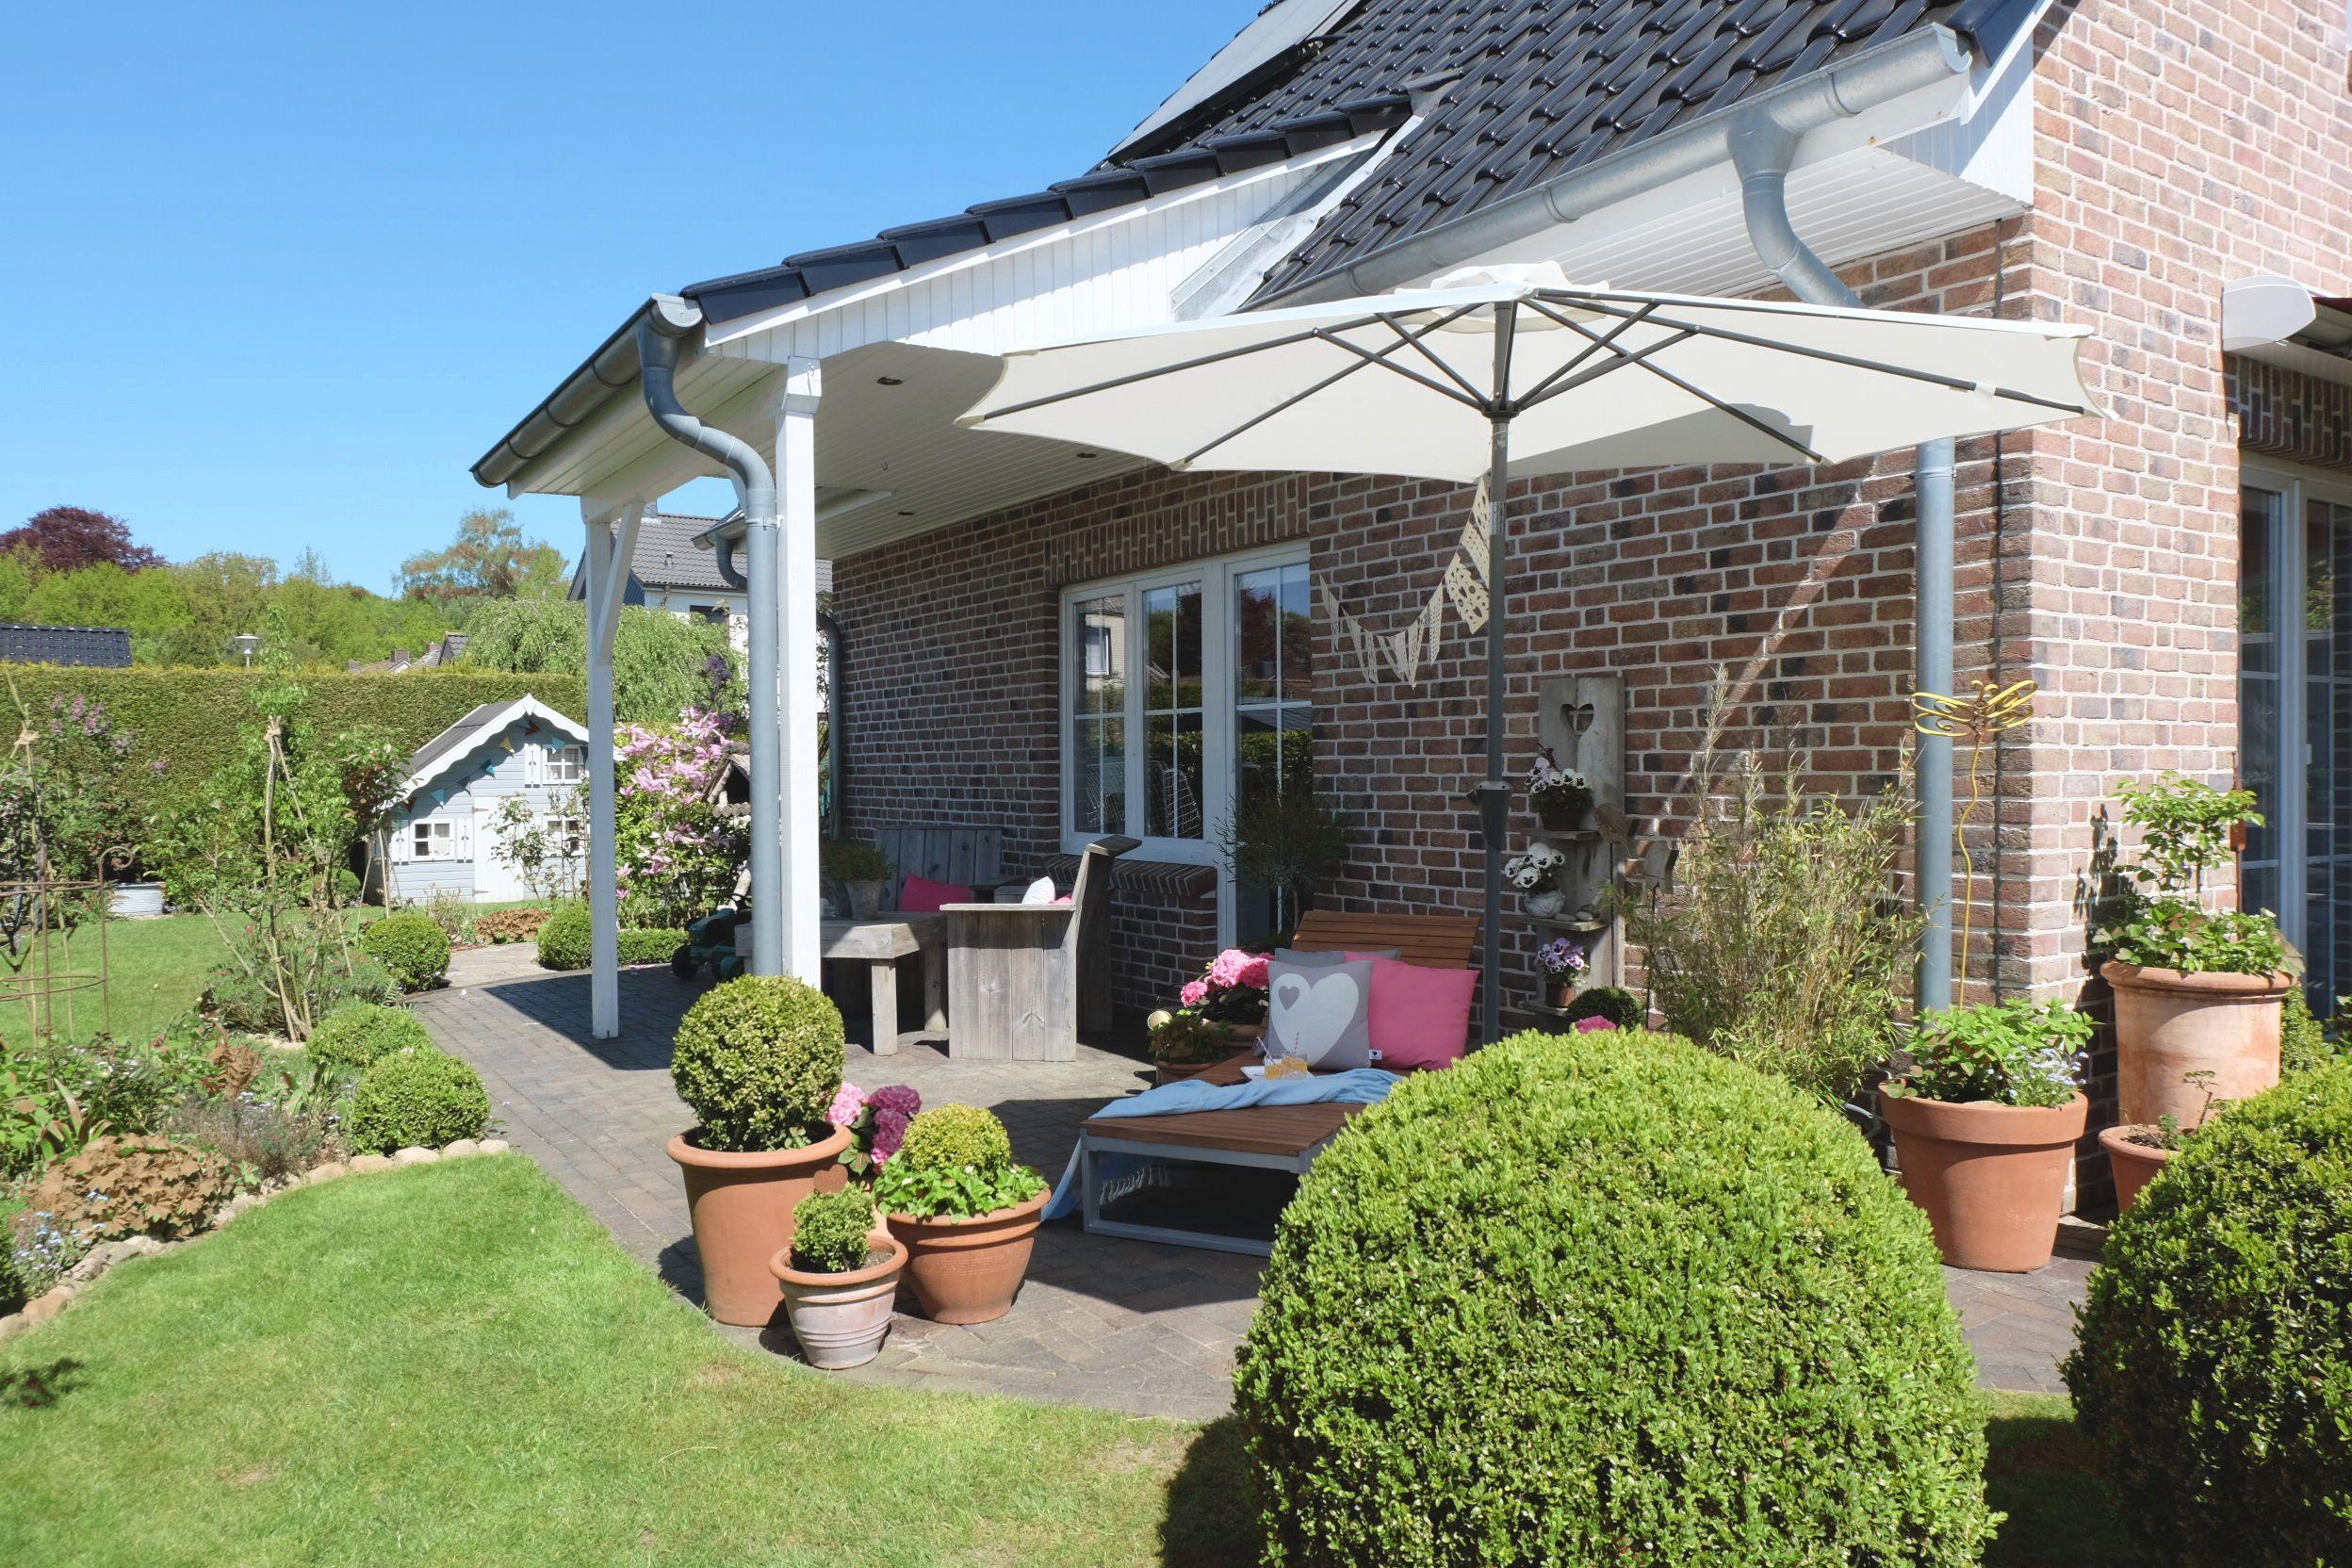 Werbung Den Garten Fit Fur Den Fruhling Machen 10 Schritte Zum Fruhling Gartengestaltung Cottage Garten Garten Deko